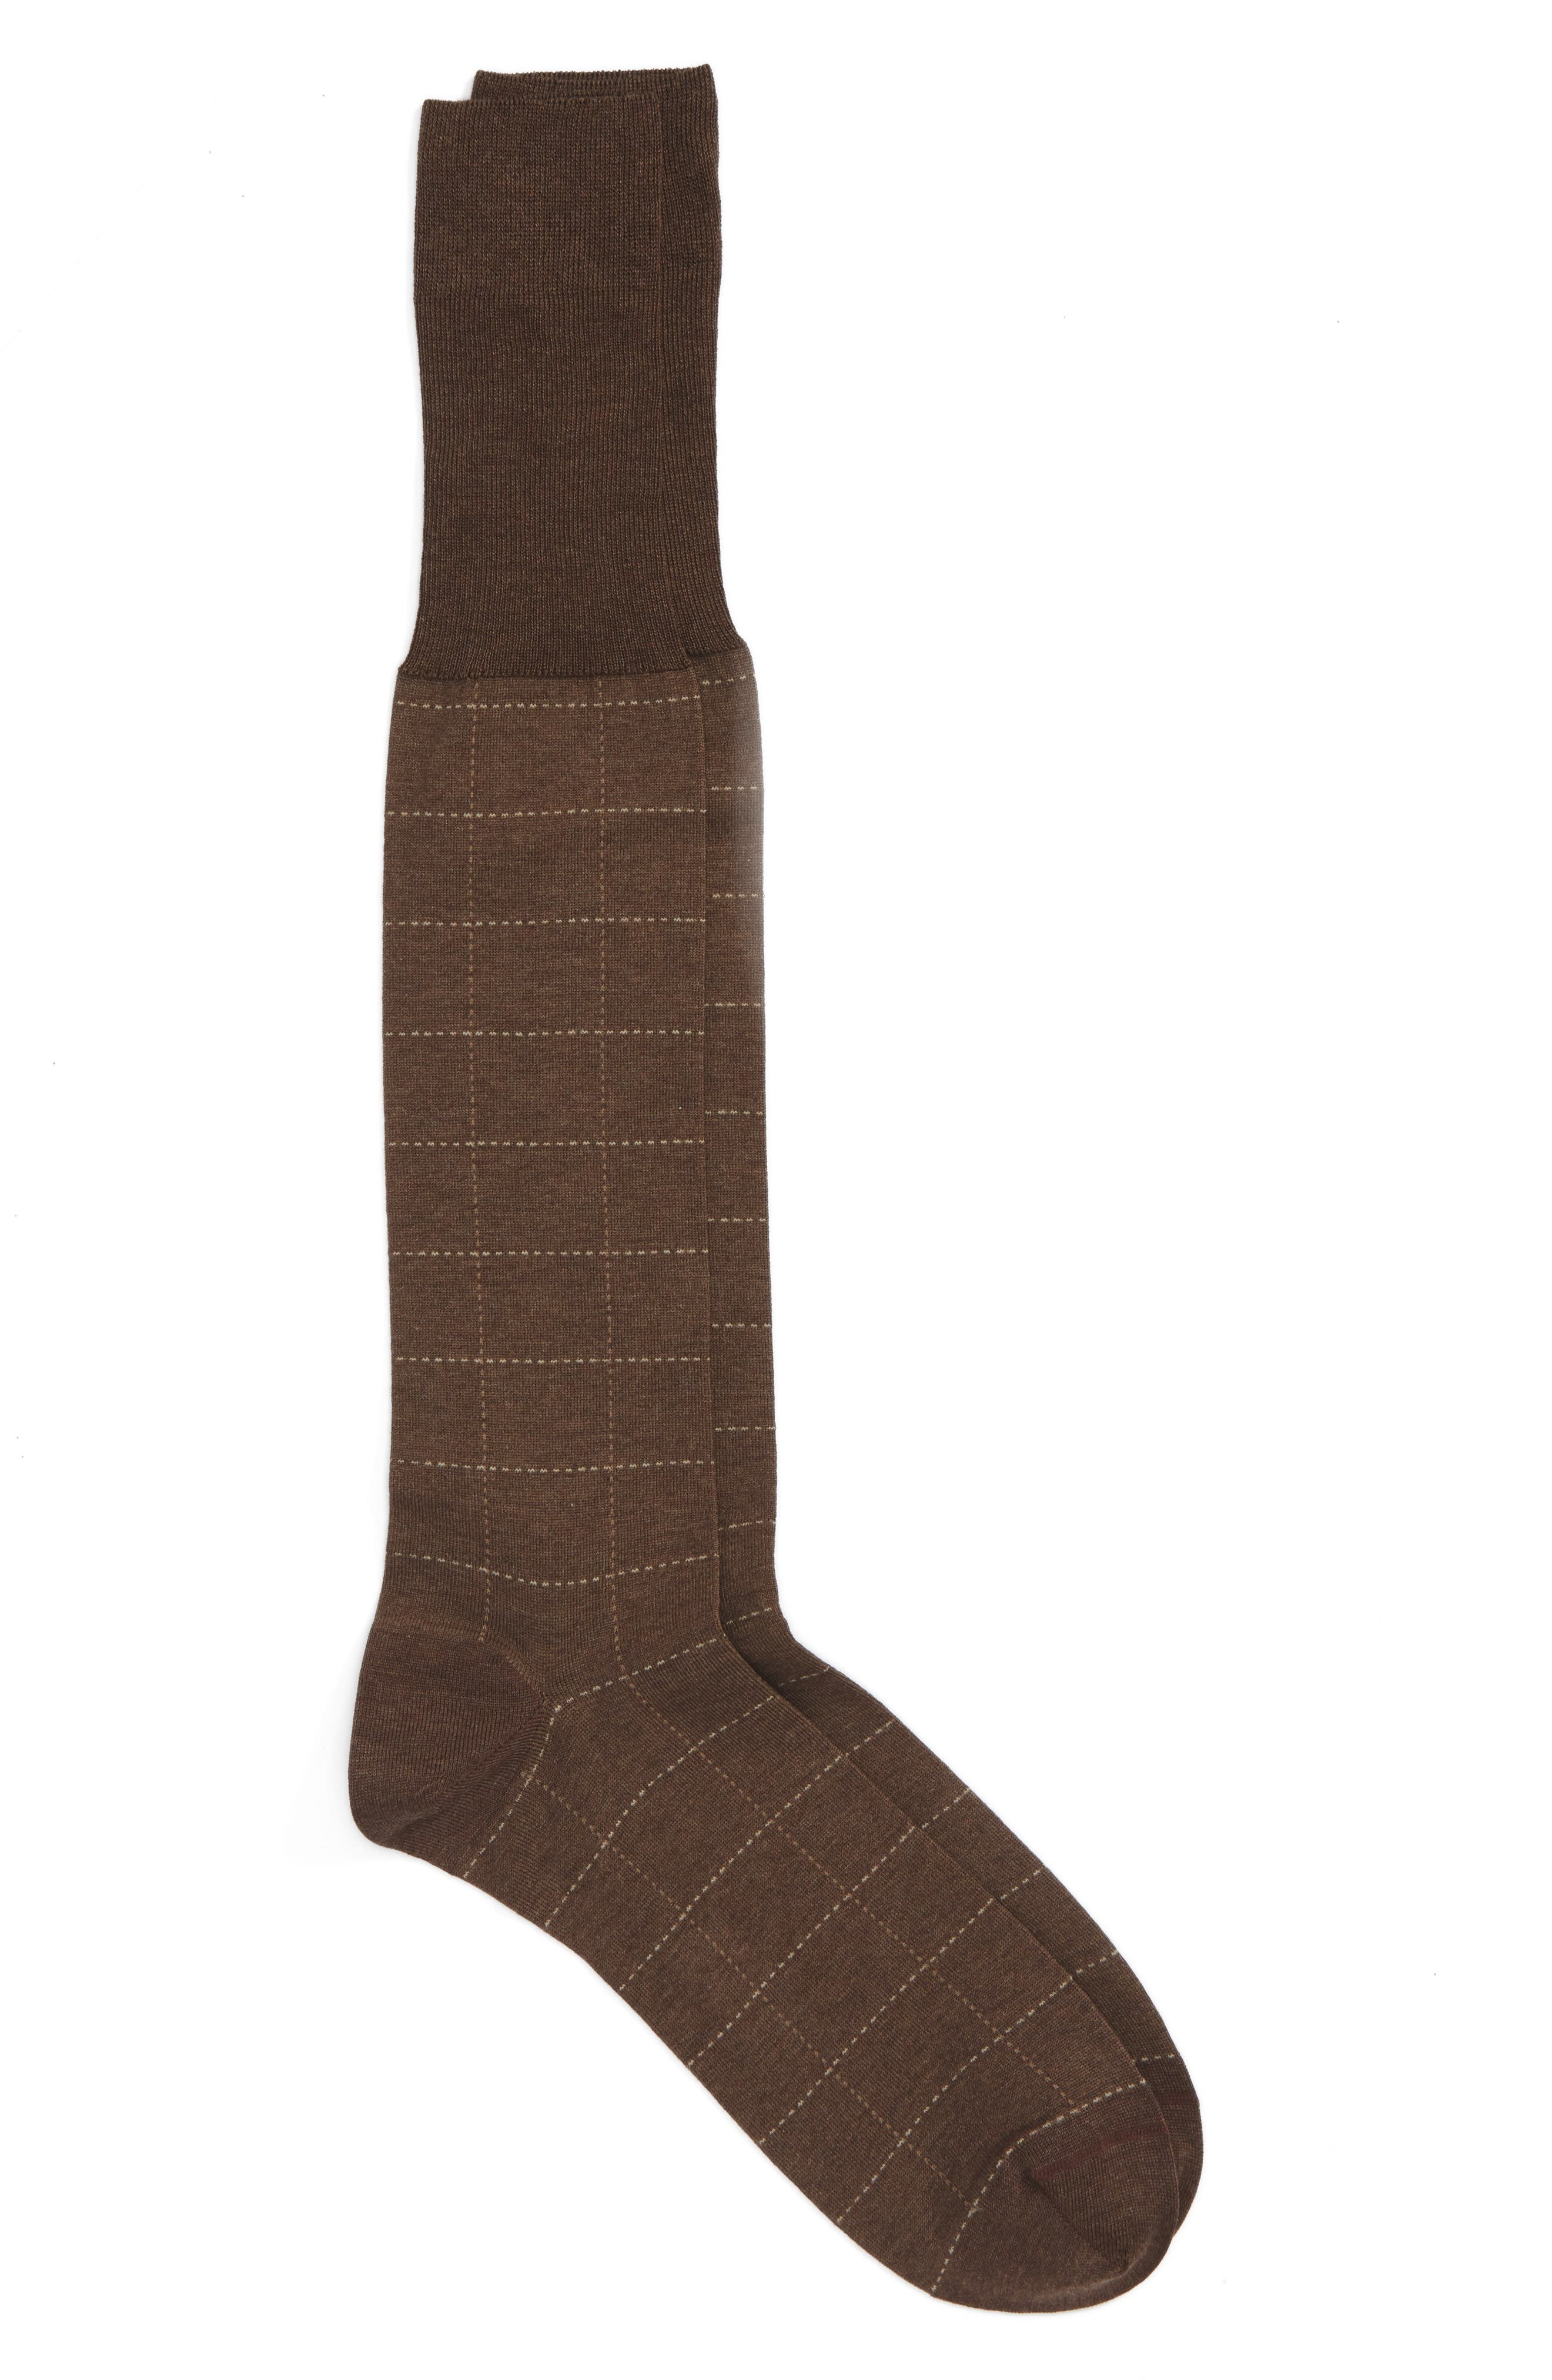 Main Image - John W. Nordstrom® Broken Grid Socks